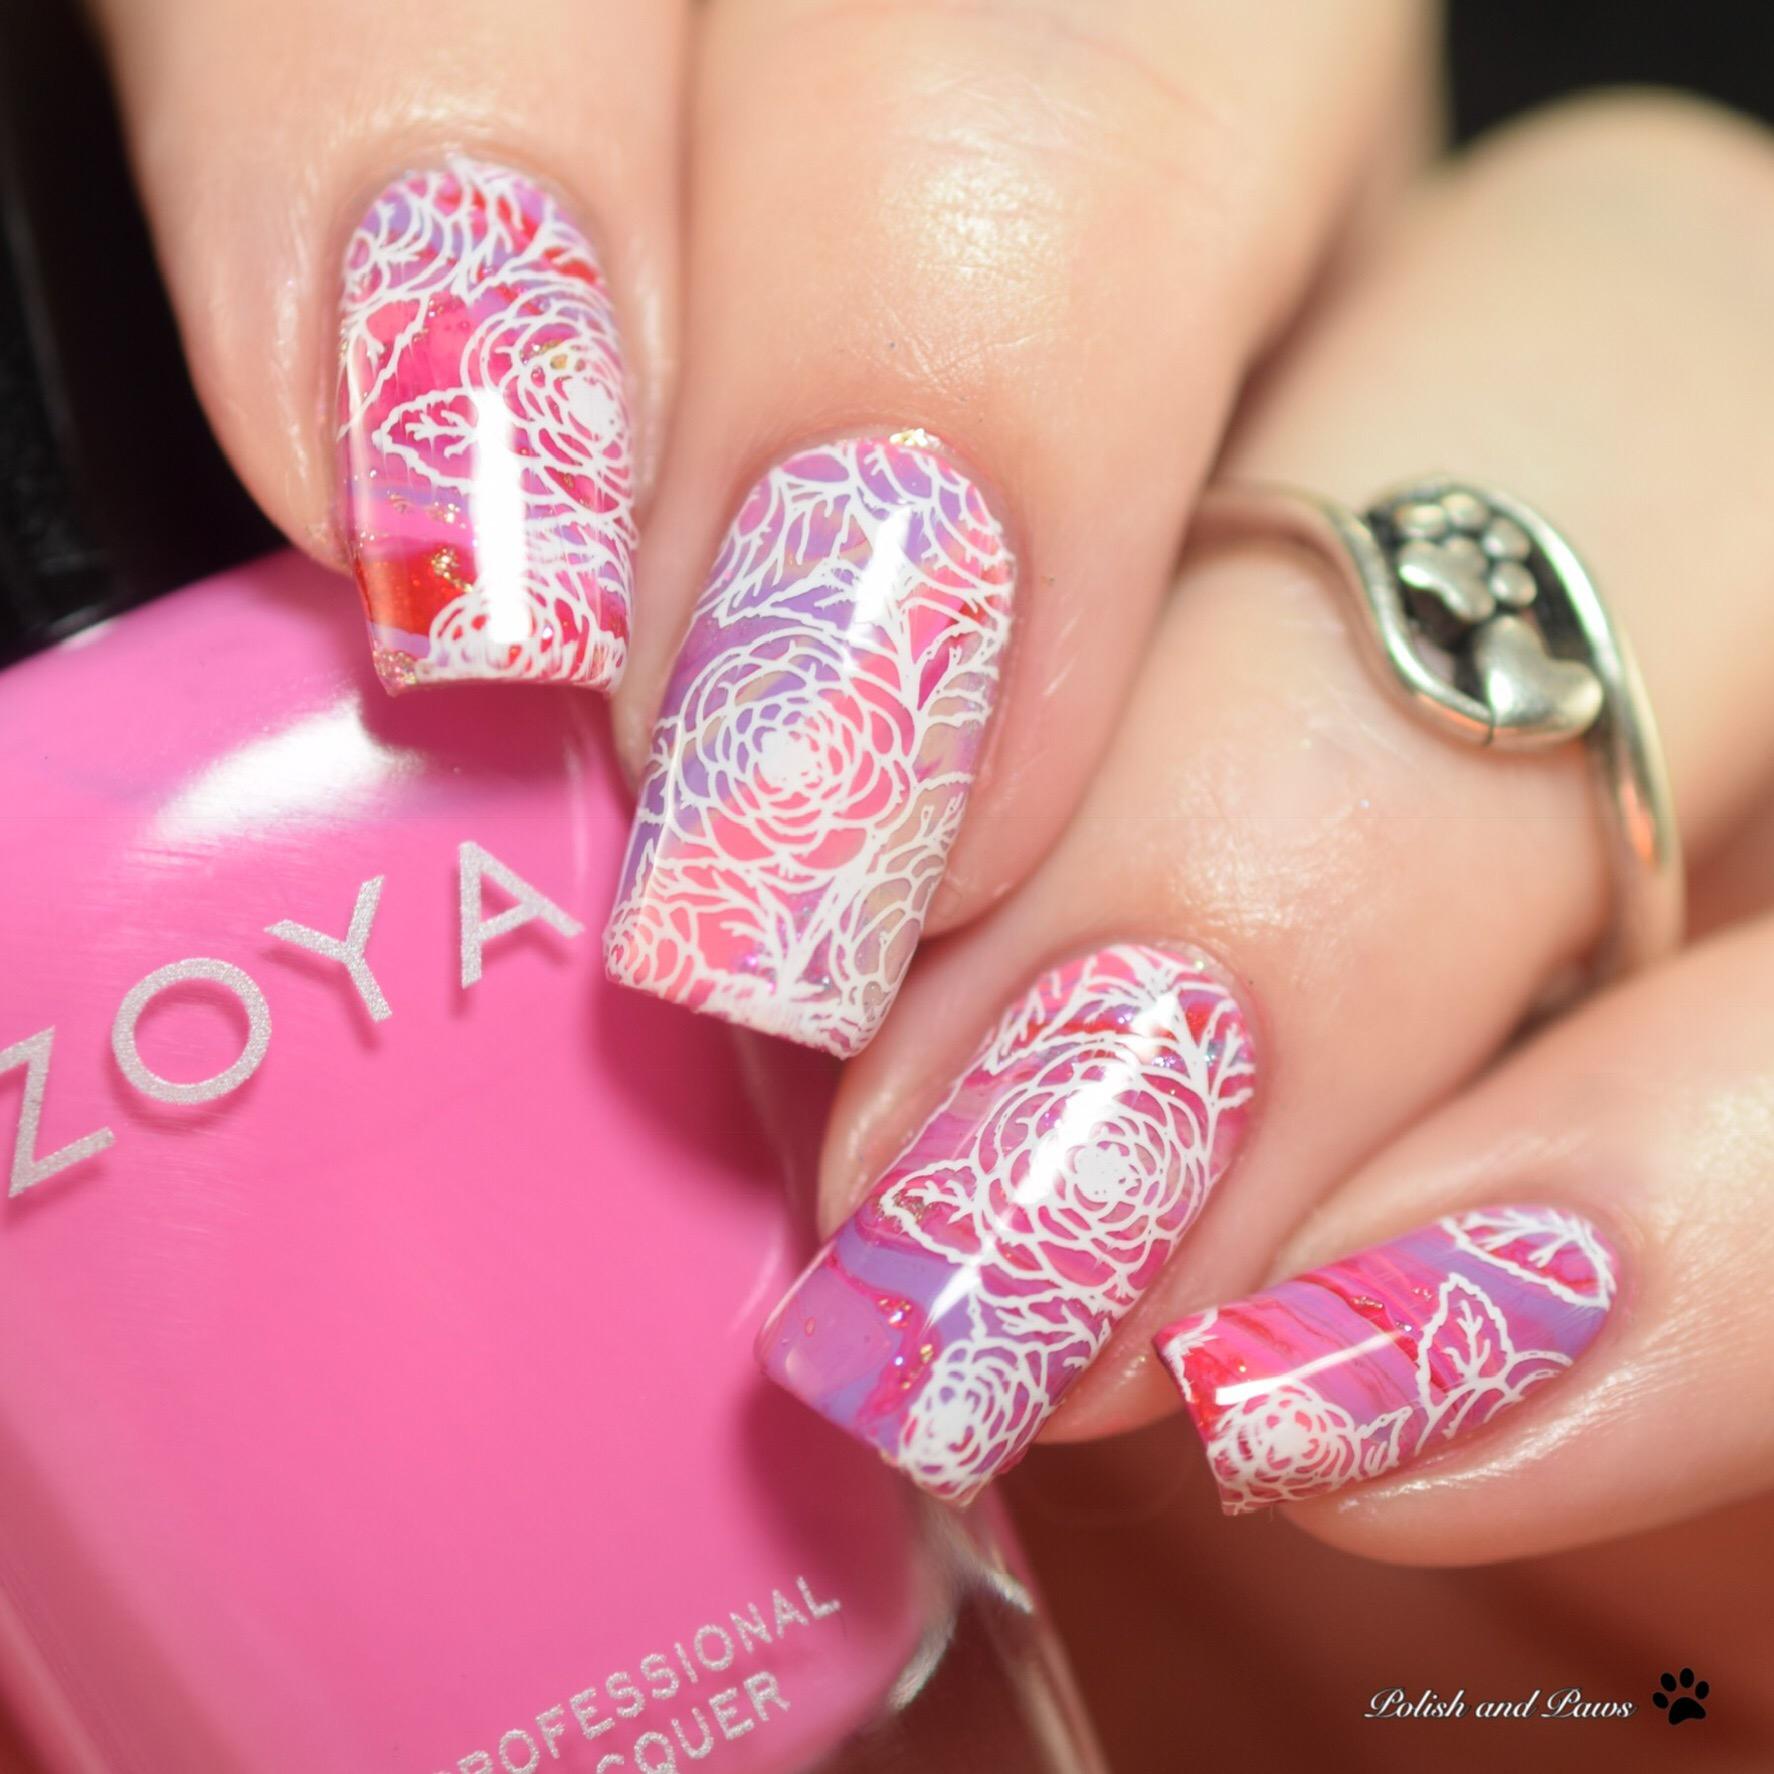 Zoya Sunshine Collection Nail Art